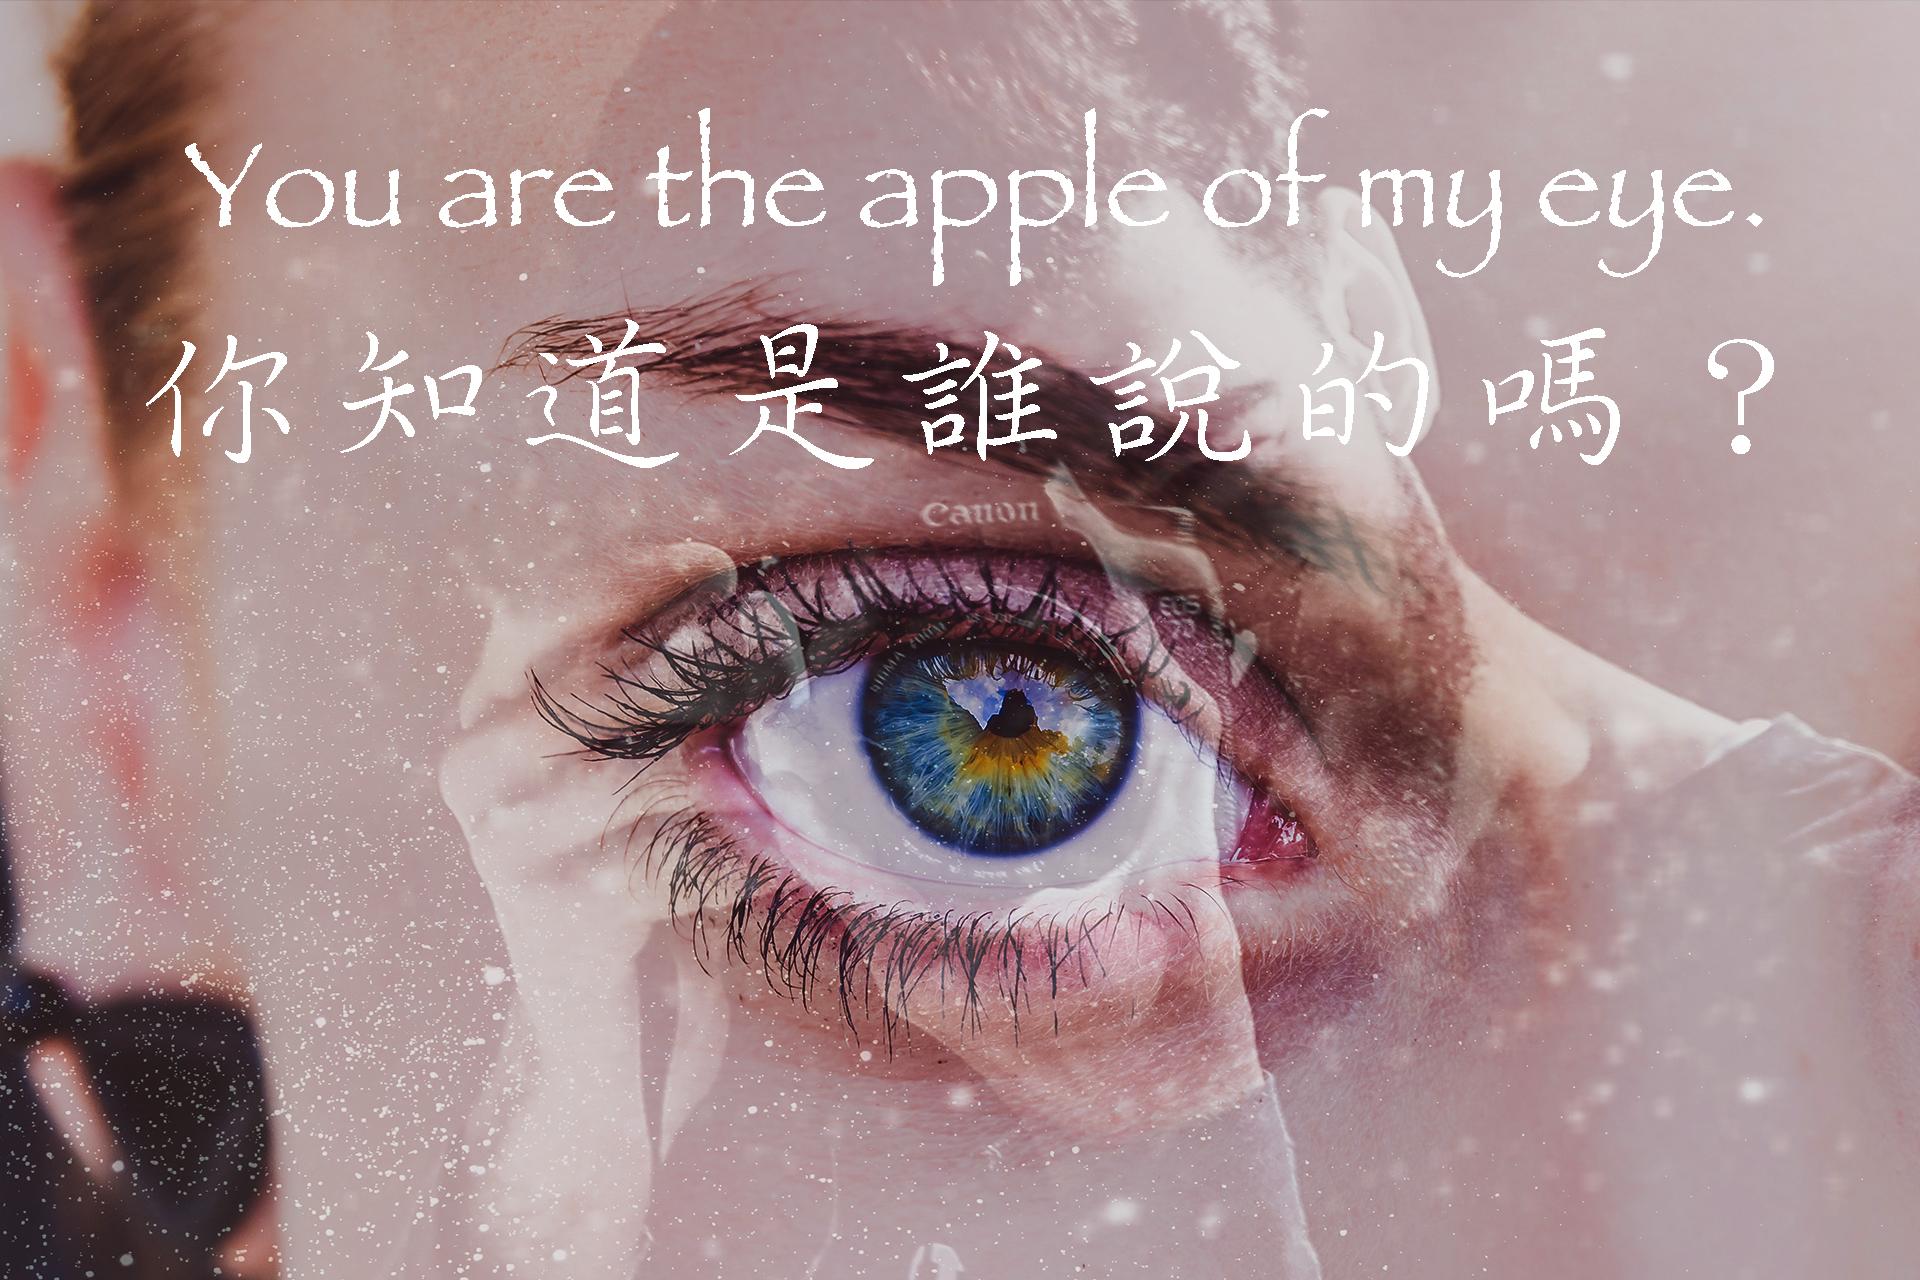 [聖經]You are the apple of my eye.你知道這句情話是誰說的嗎